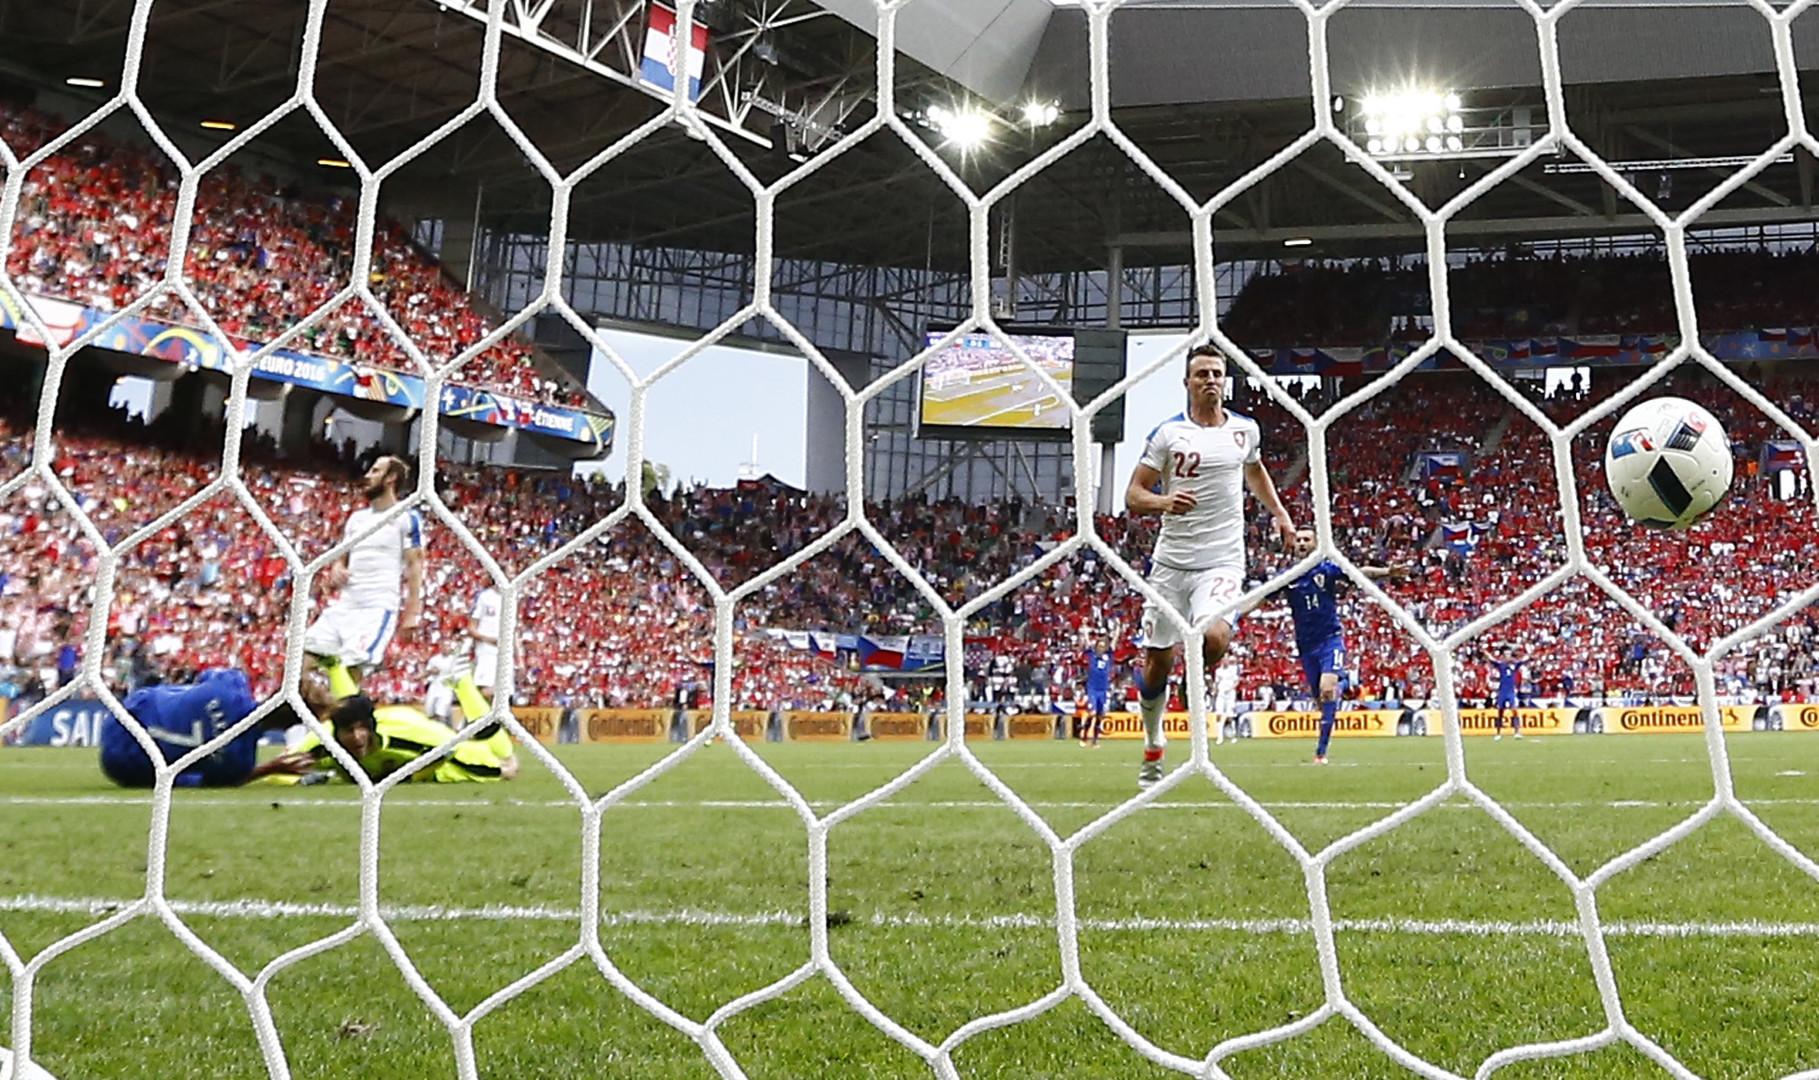 Евро-2016: итоги игрового дня